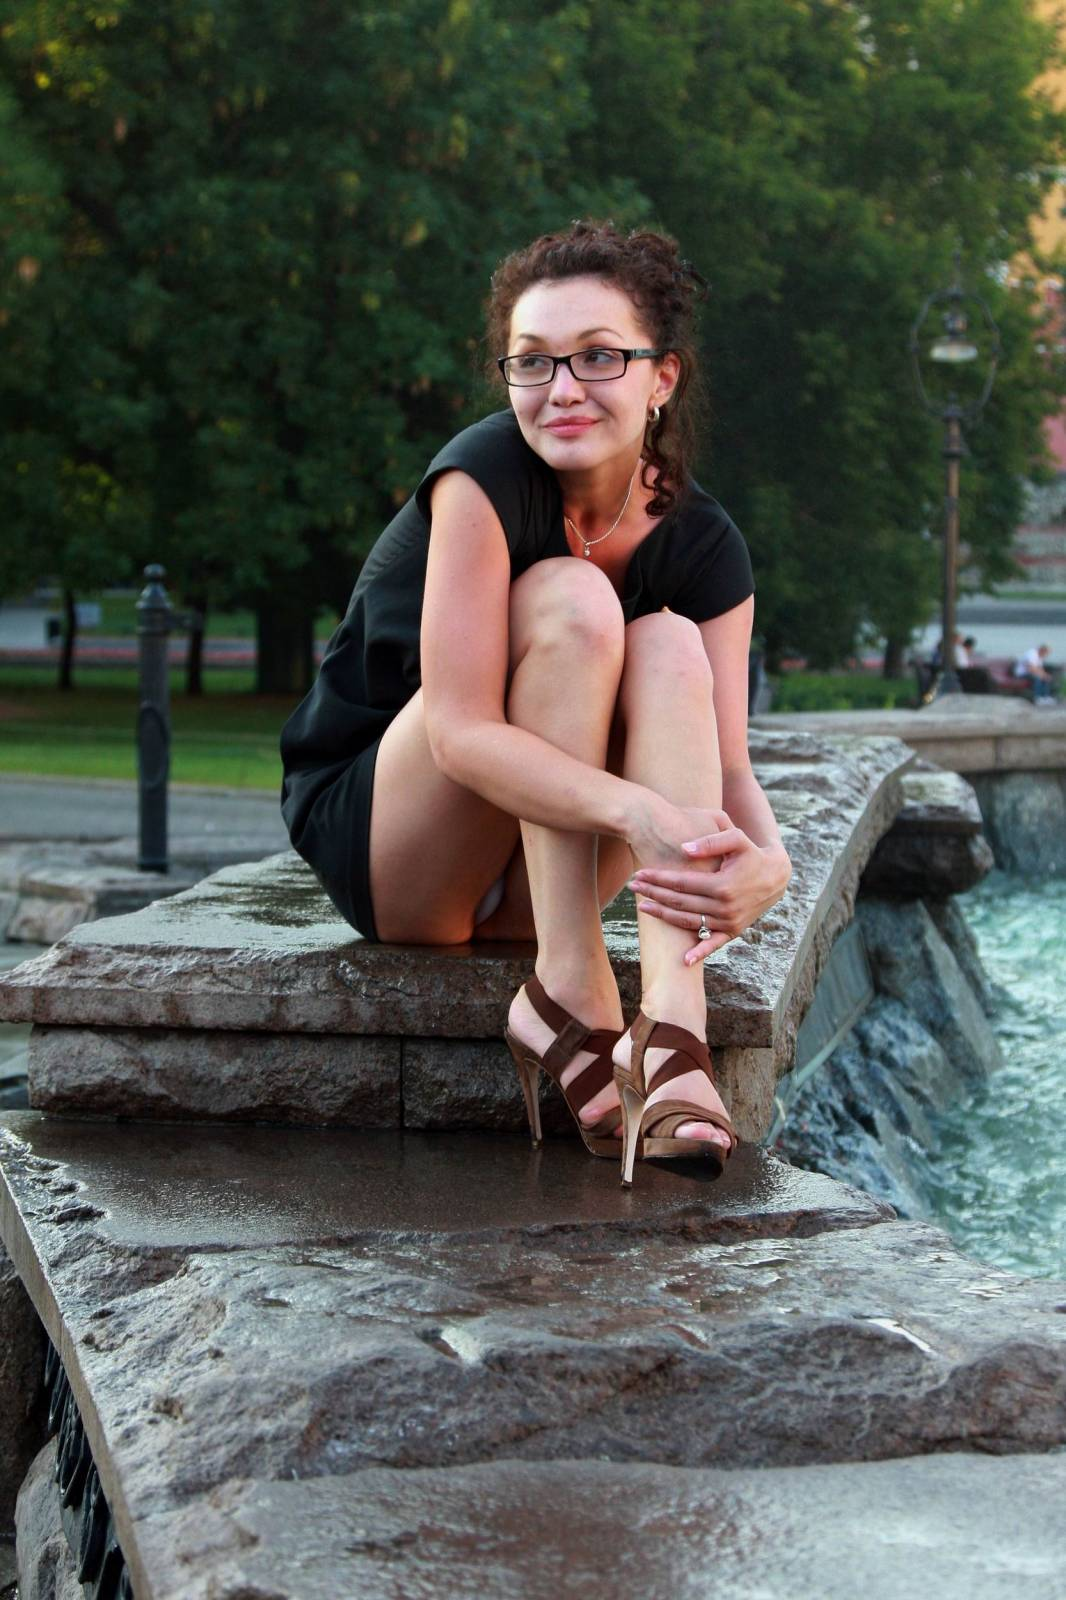 Сидячий upskirt телок девок в городе 18 фотография